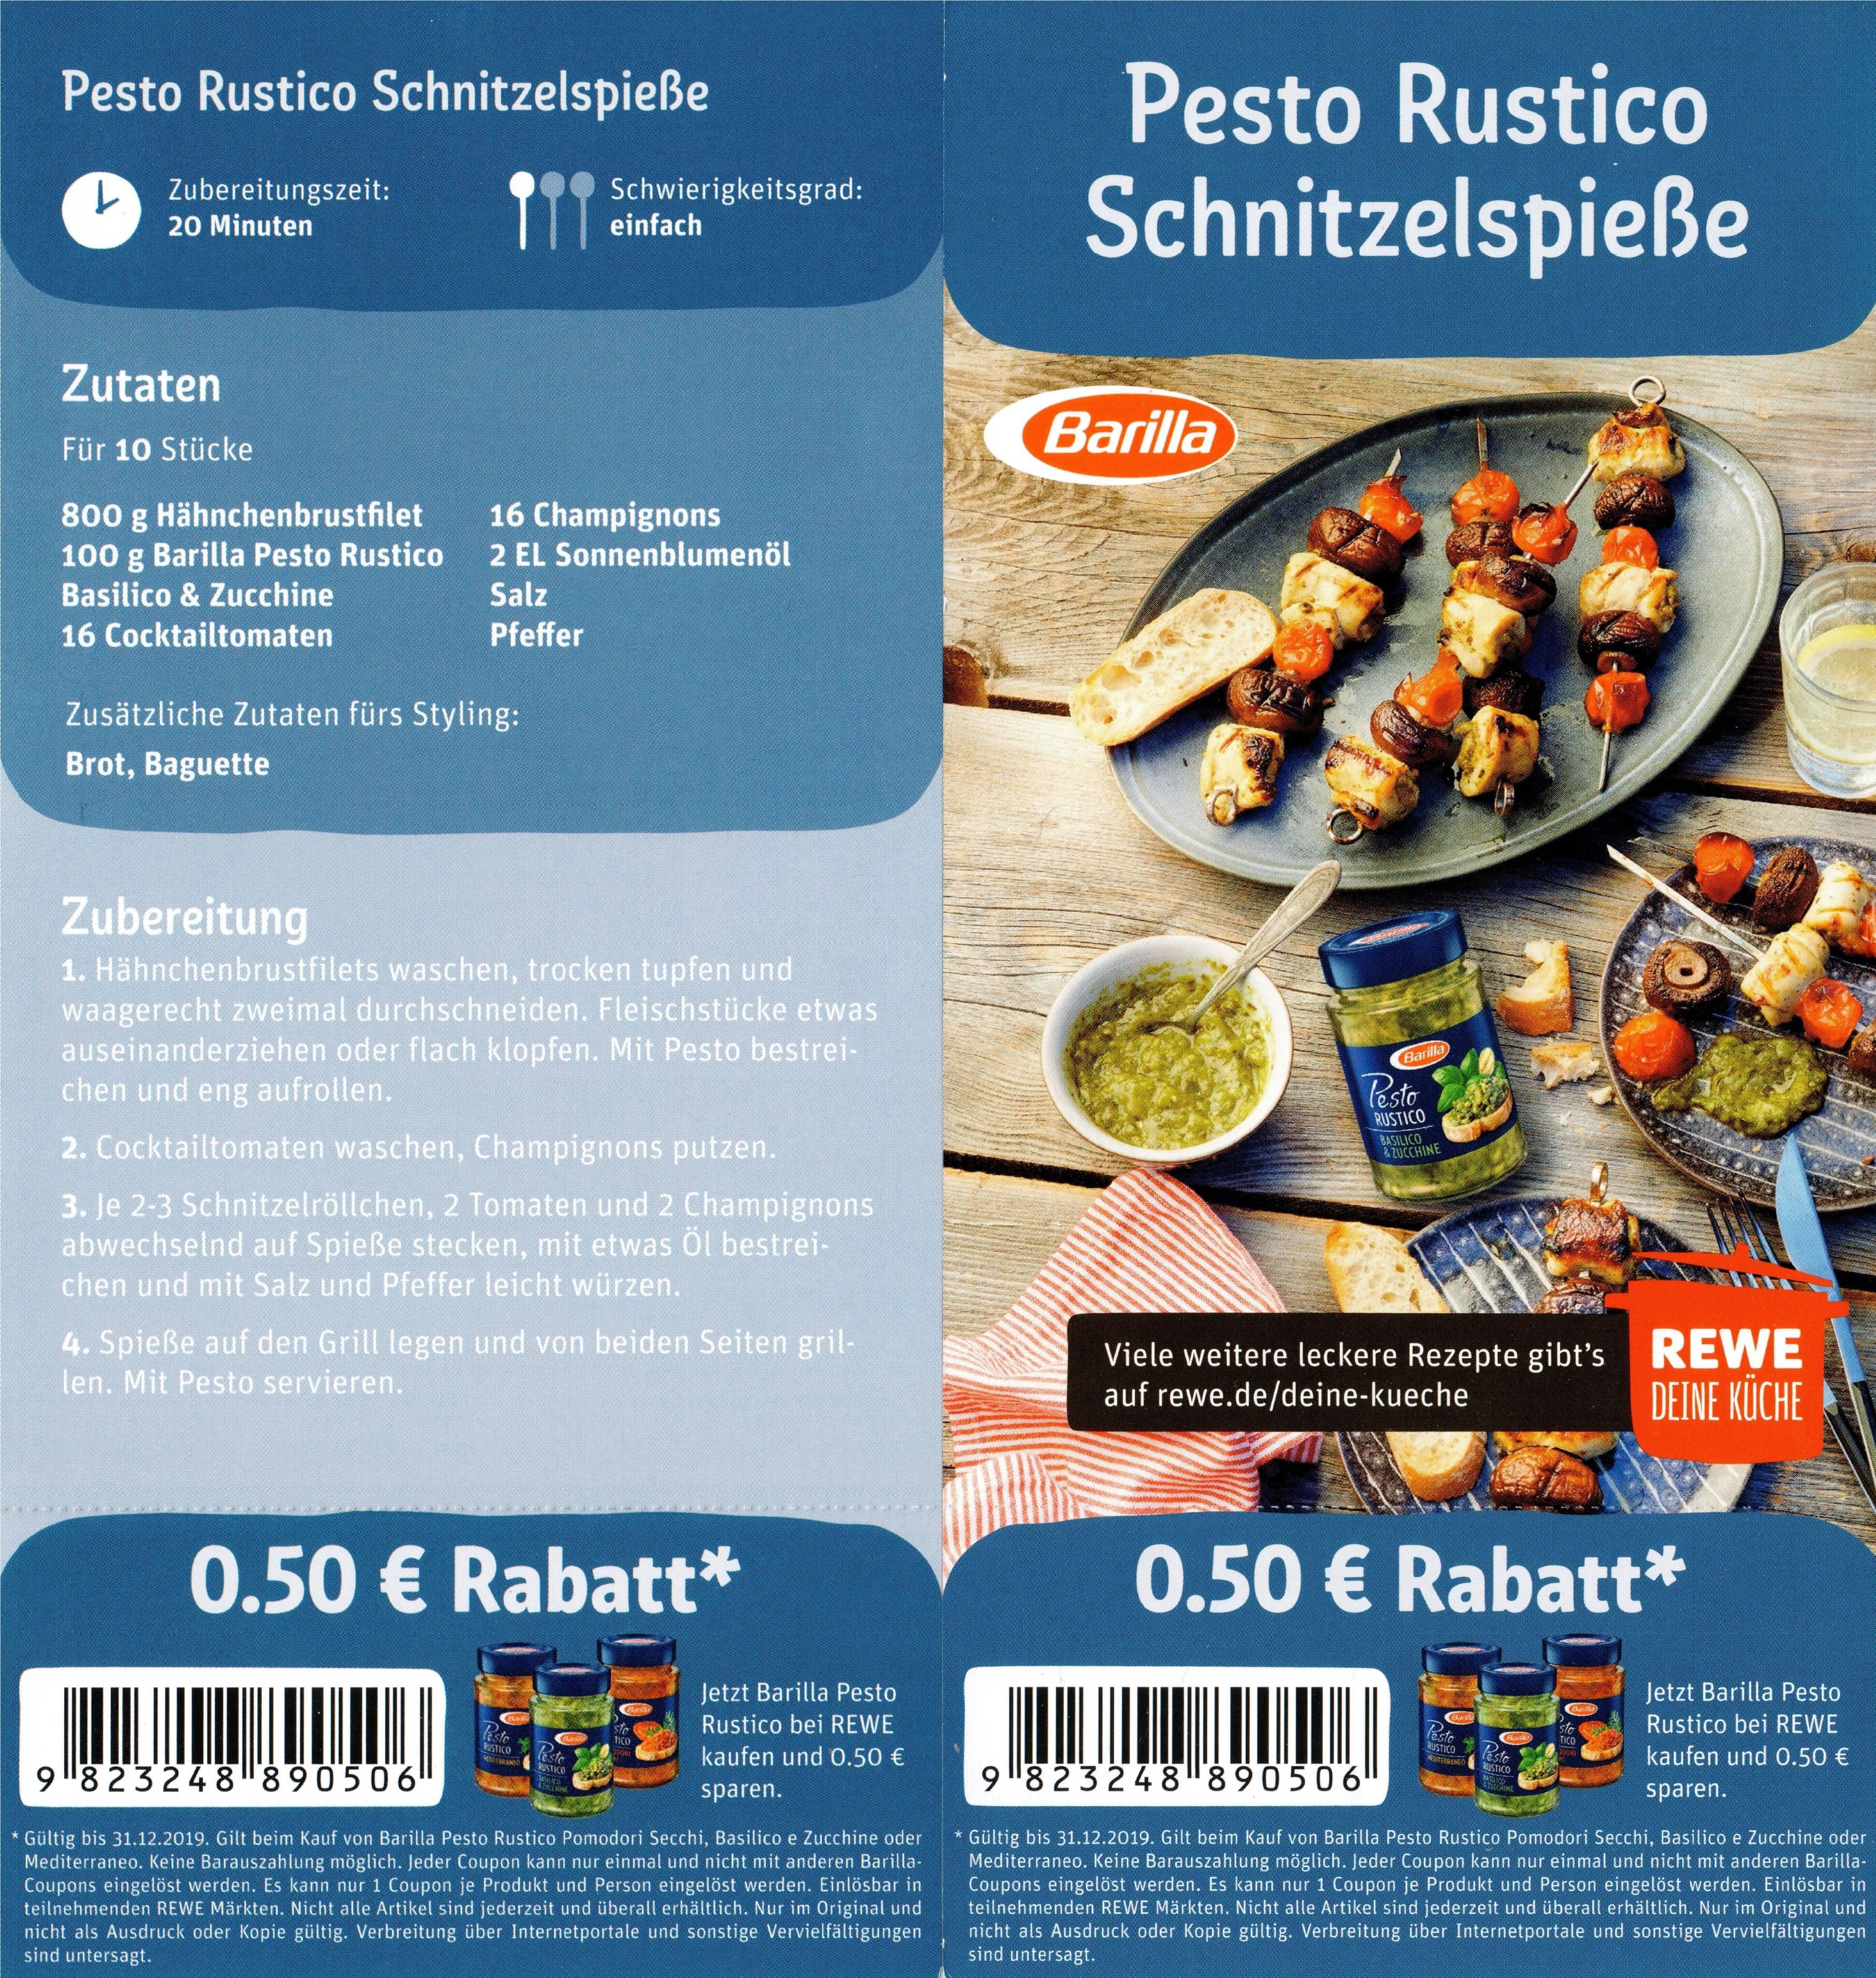 0,50€ Rabatt Coupon für den Kauf einer Barilla Pesto Rustico bis 31.12.2019 [Rewe]